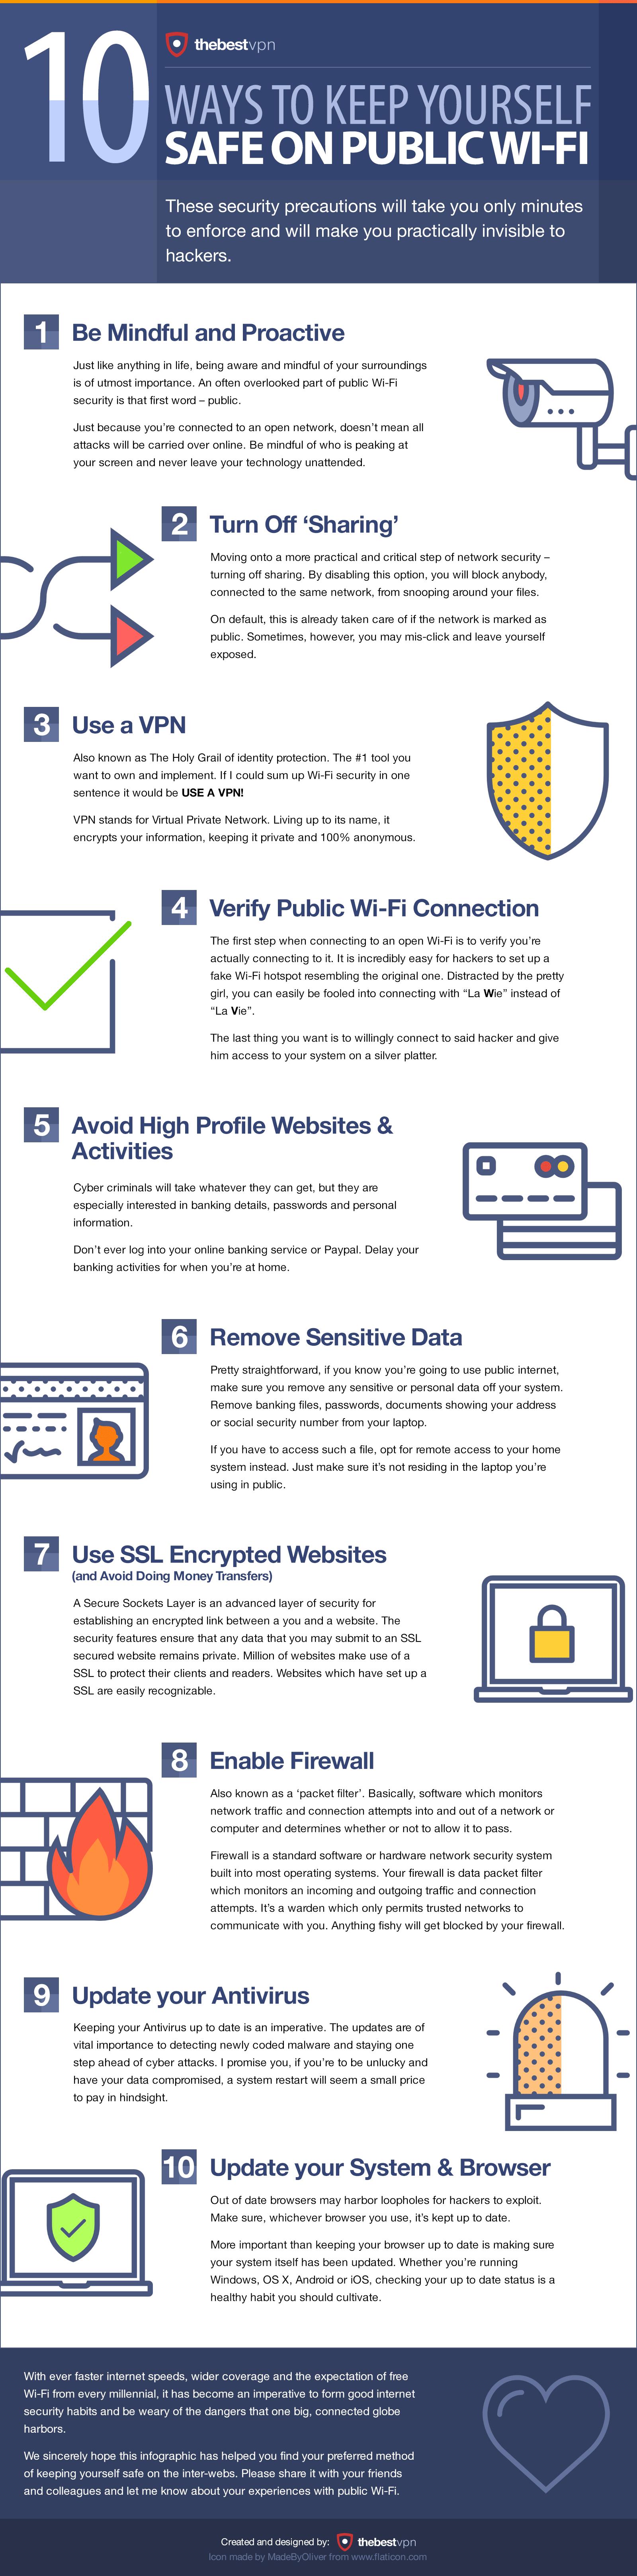 tbvpn-public-wifi-guide@2x-2